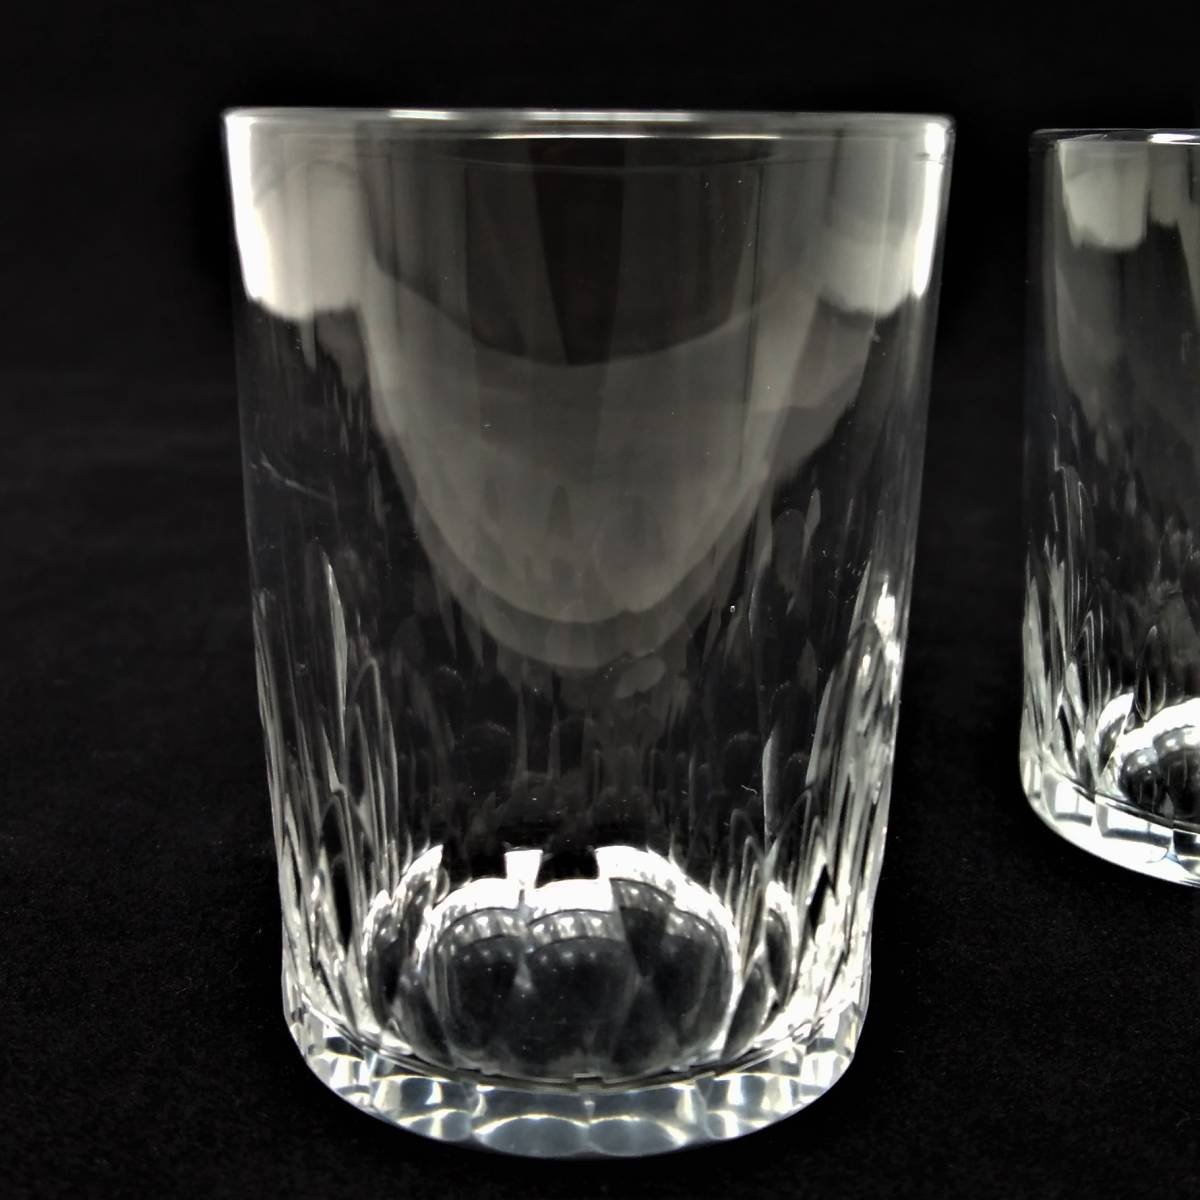 バカラ BACCARAT リシュリュー Richelieu ショットグラス リキュールグラス 2客セット H4.7cm 087◆冷酒 クリスタル タンブラー ゴブレット_画像7